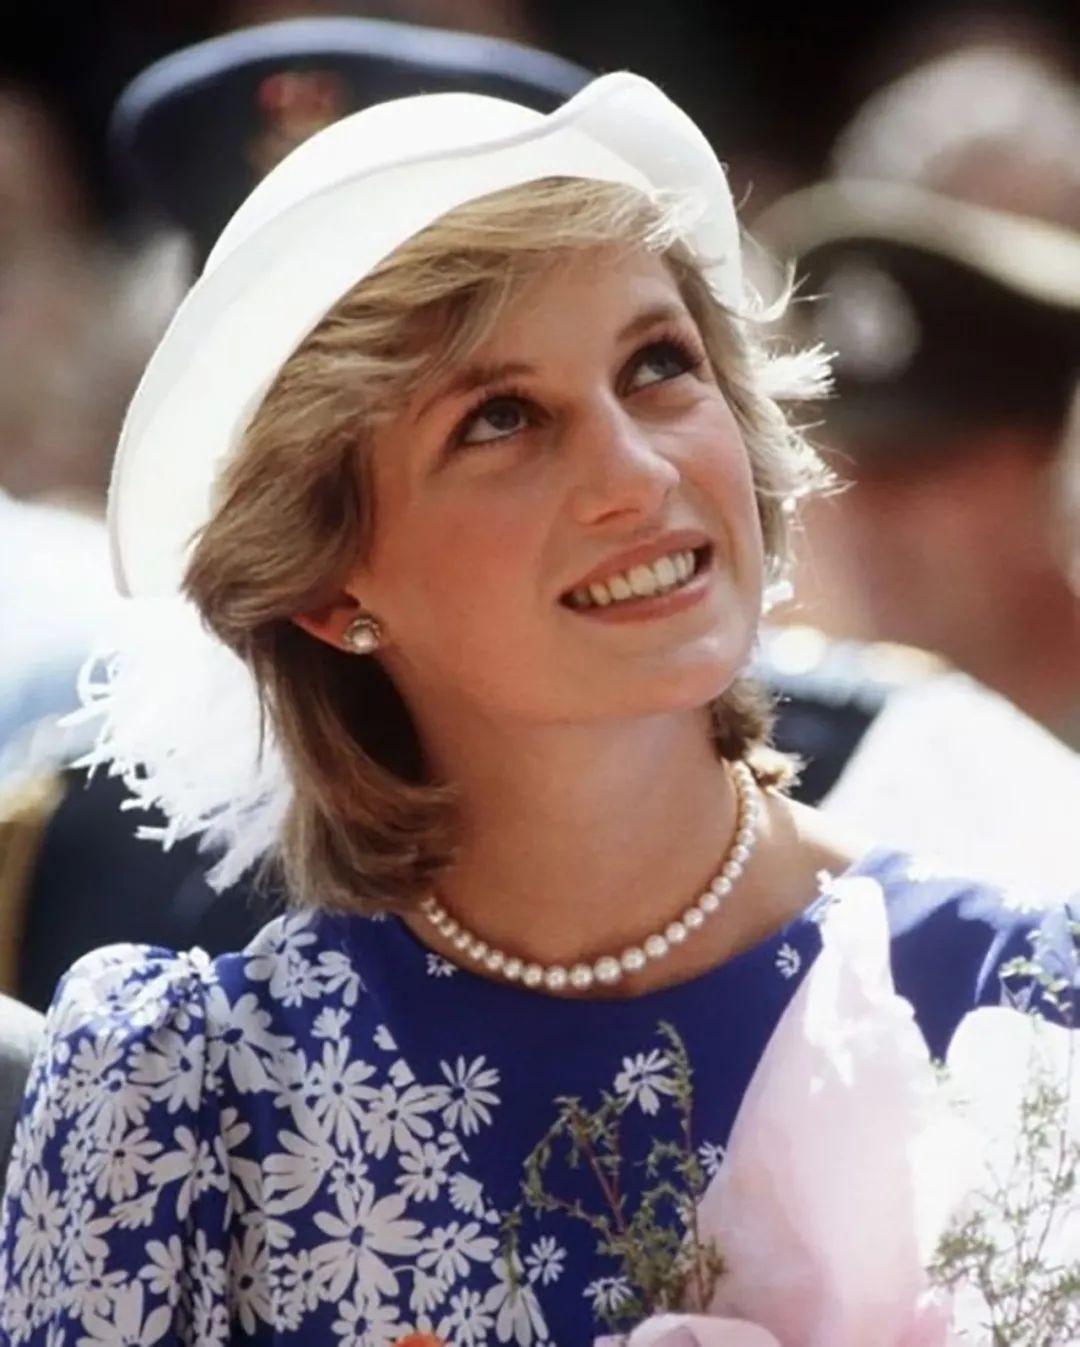 戴安娜結婚時戴娘傢王冠,凱特梅根問女王借,卡米拉二婚啥都沒有-圖4